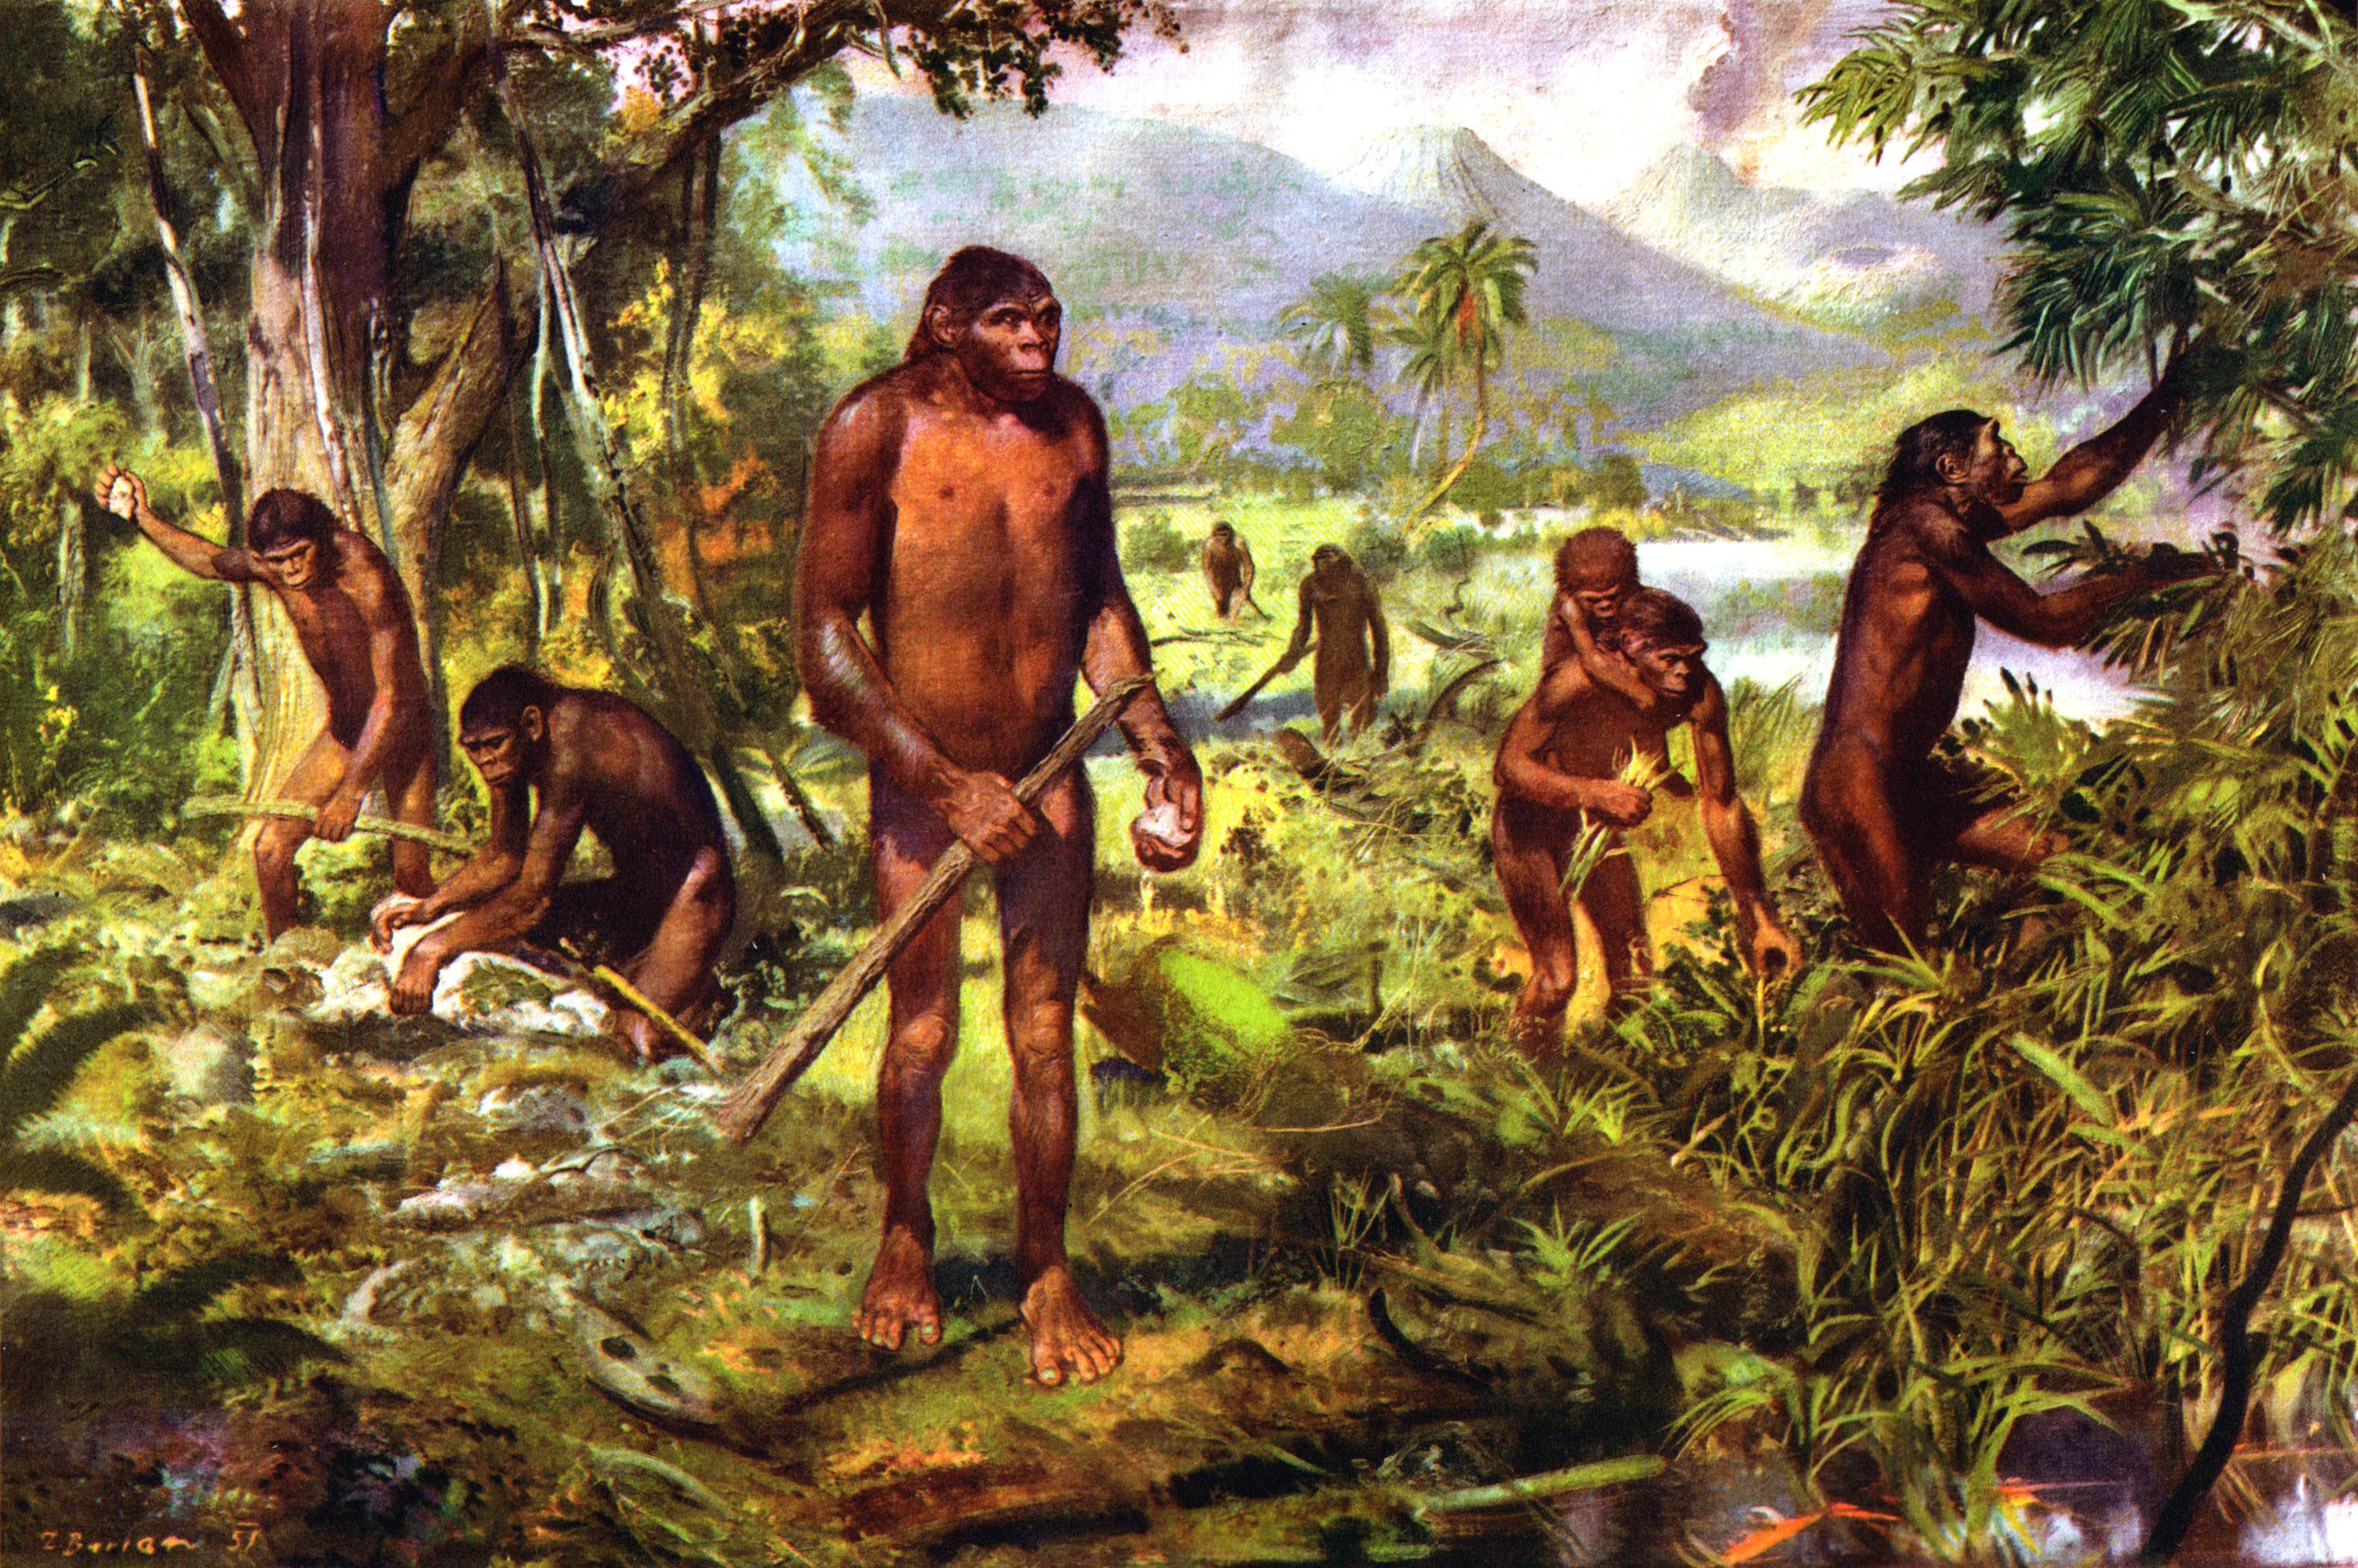 Смотреть фильмы онлайн бесплатно ебля доисторических людей